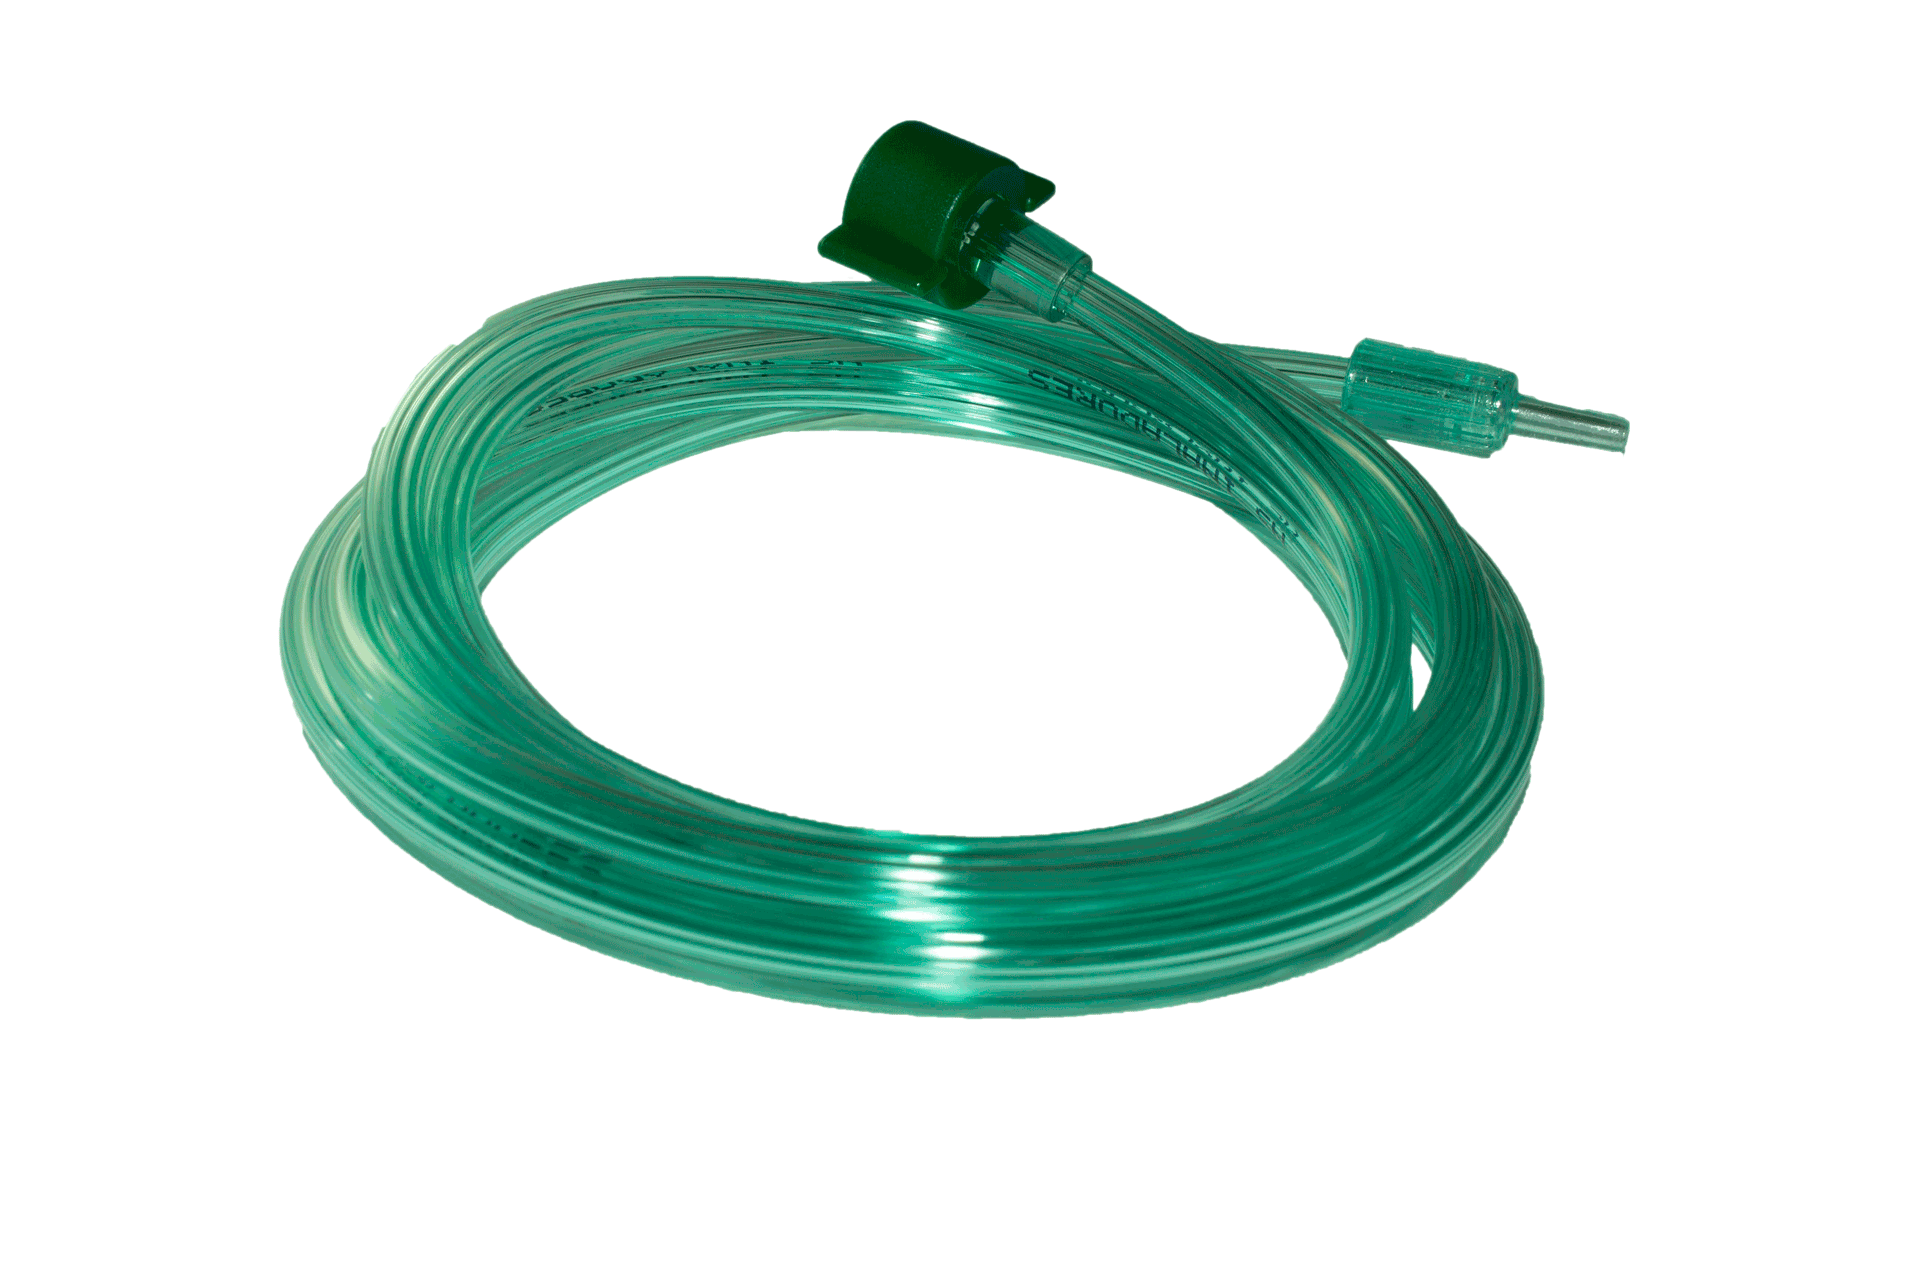 Tubo Verde de Extensão para Inalador Inalar Compact Pino Macho